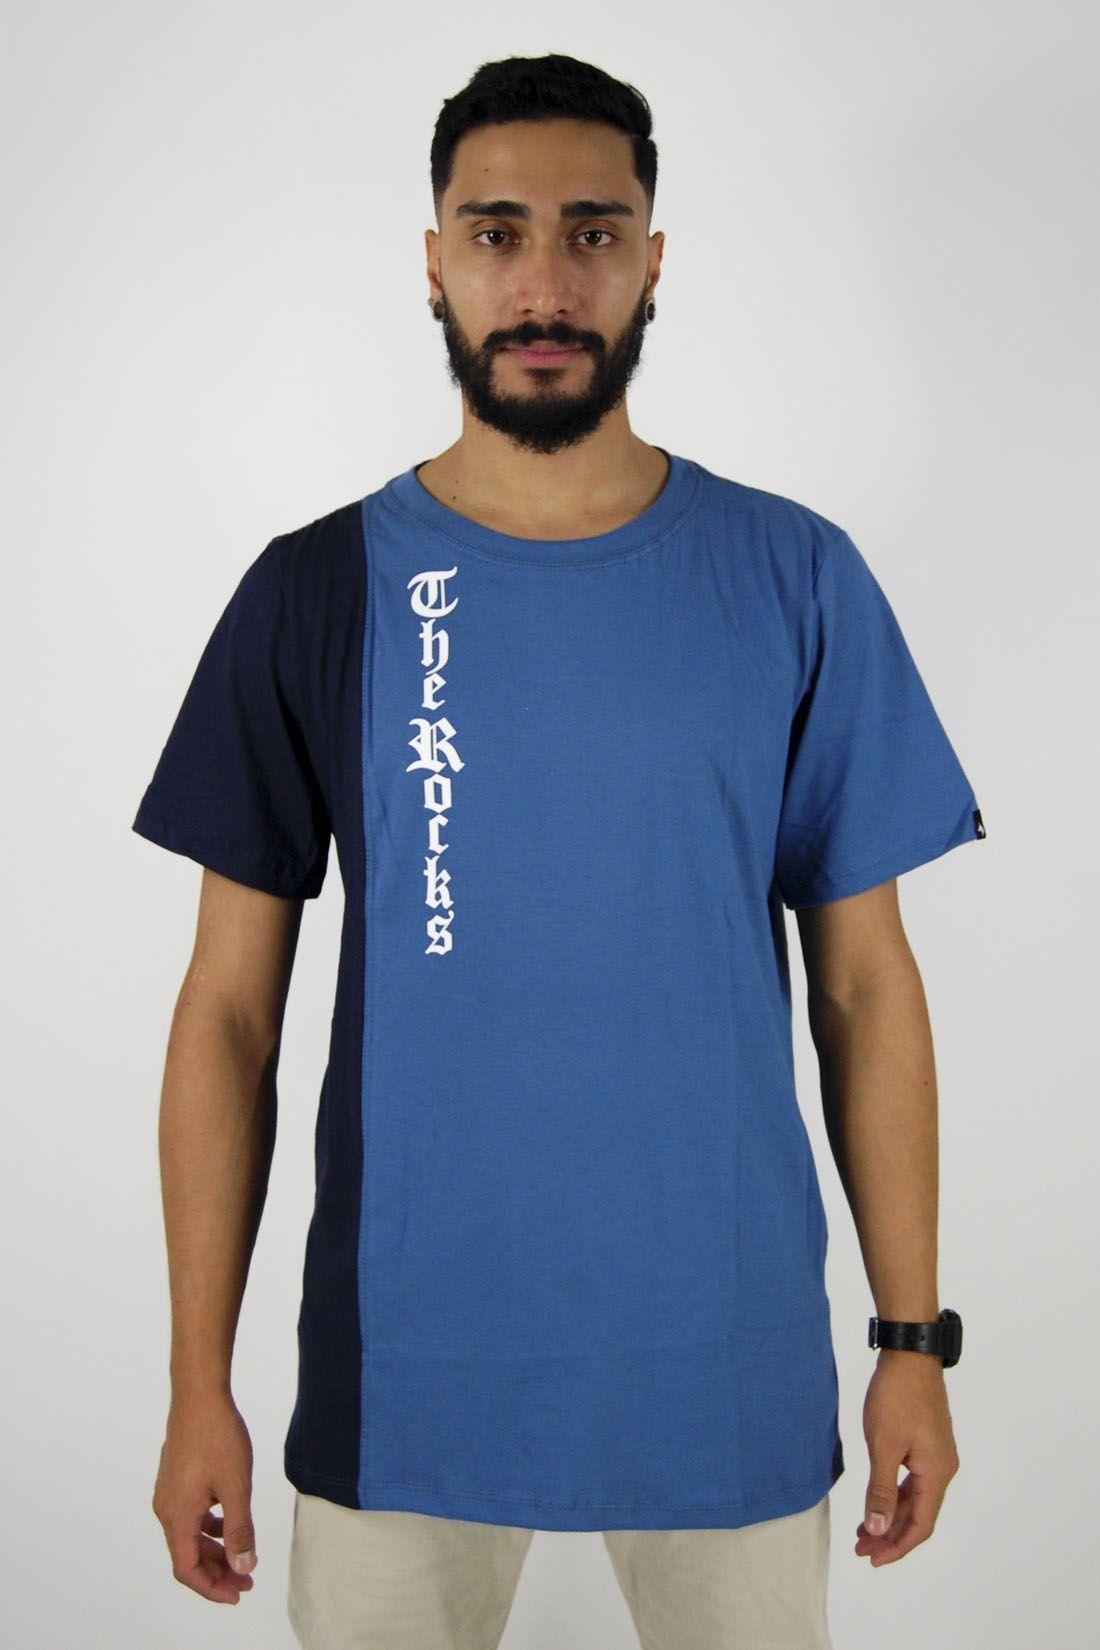 Camiseta Recorte The Rocks